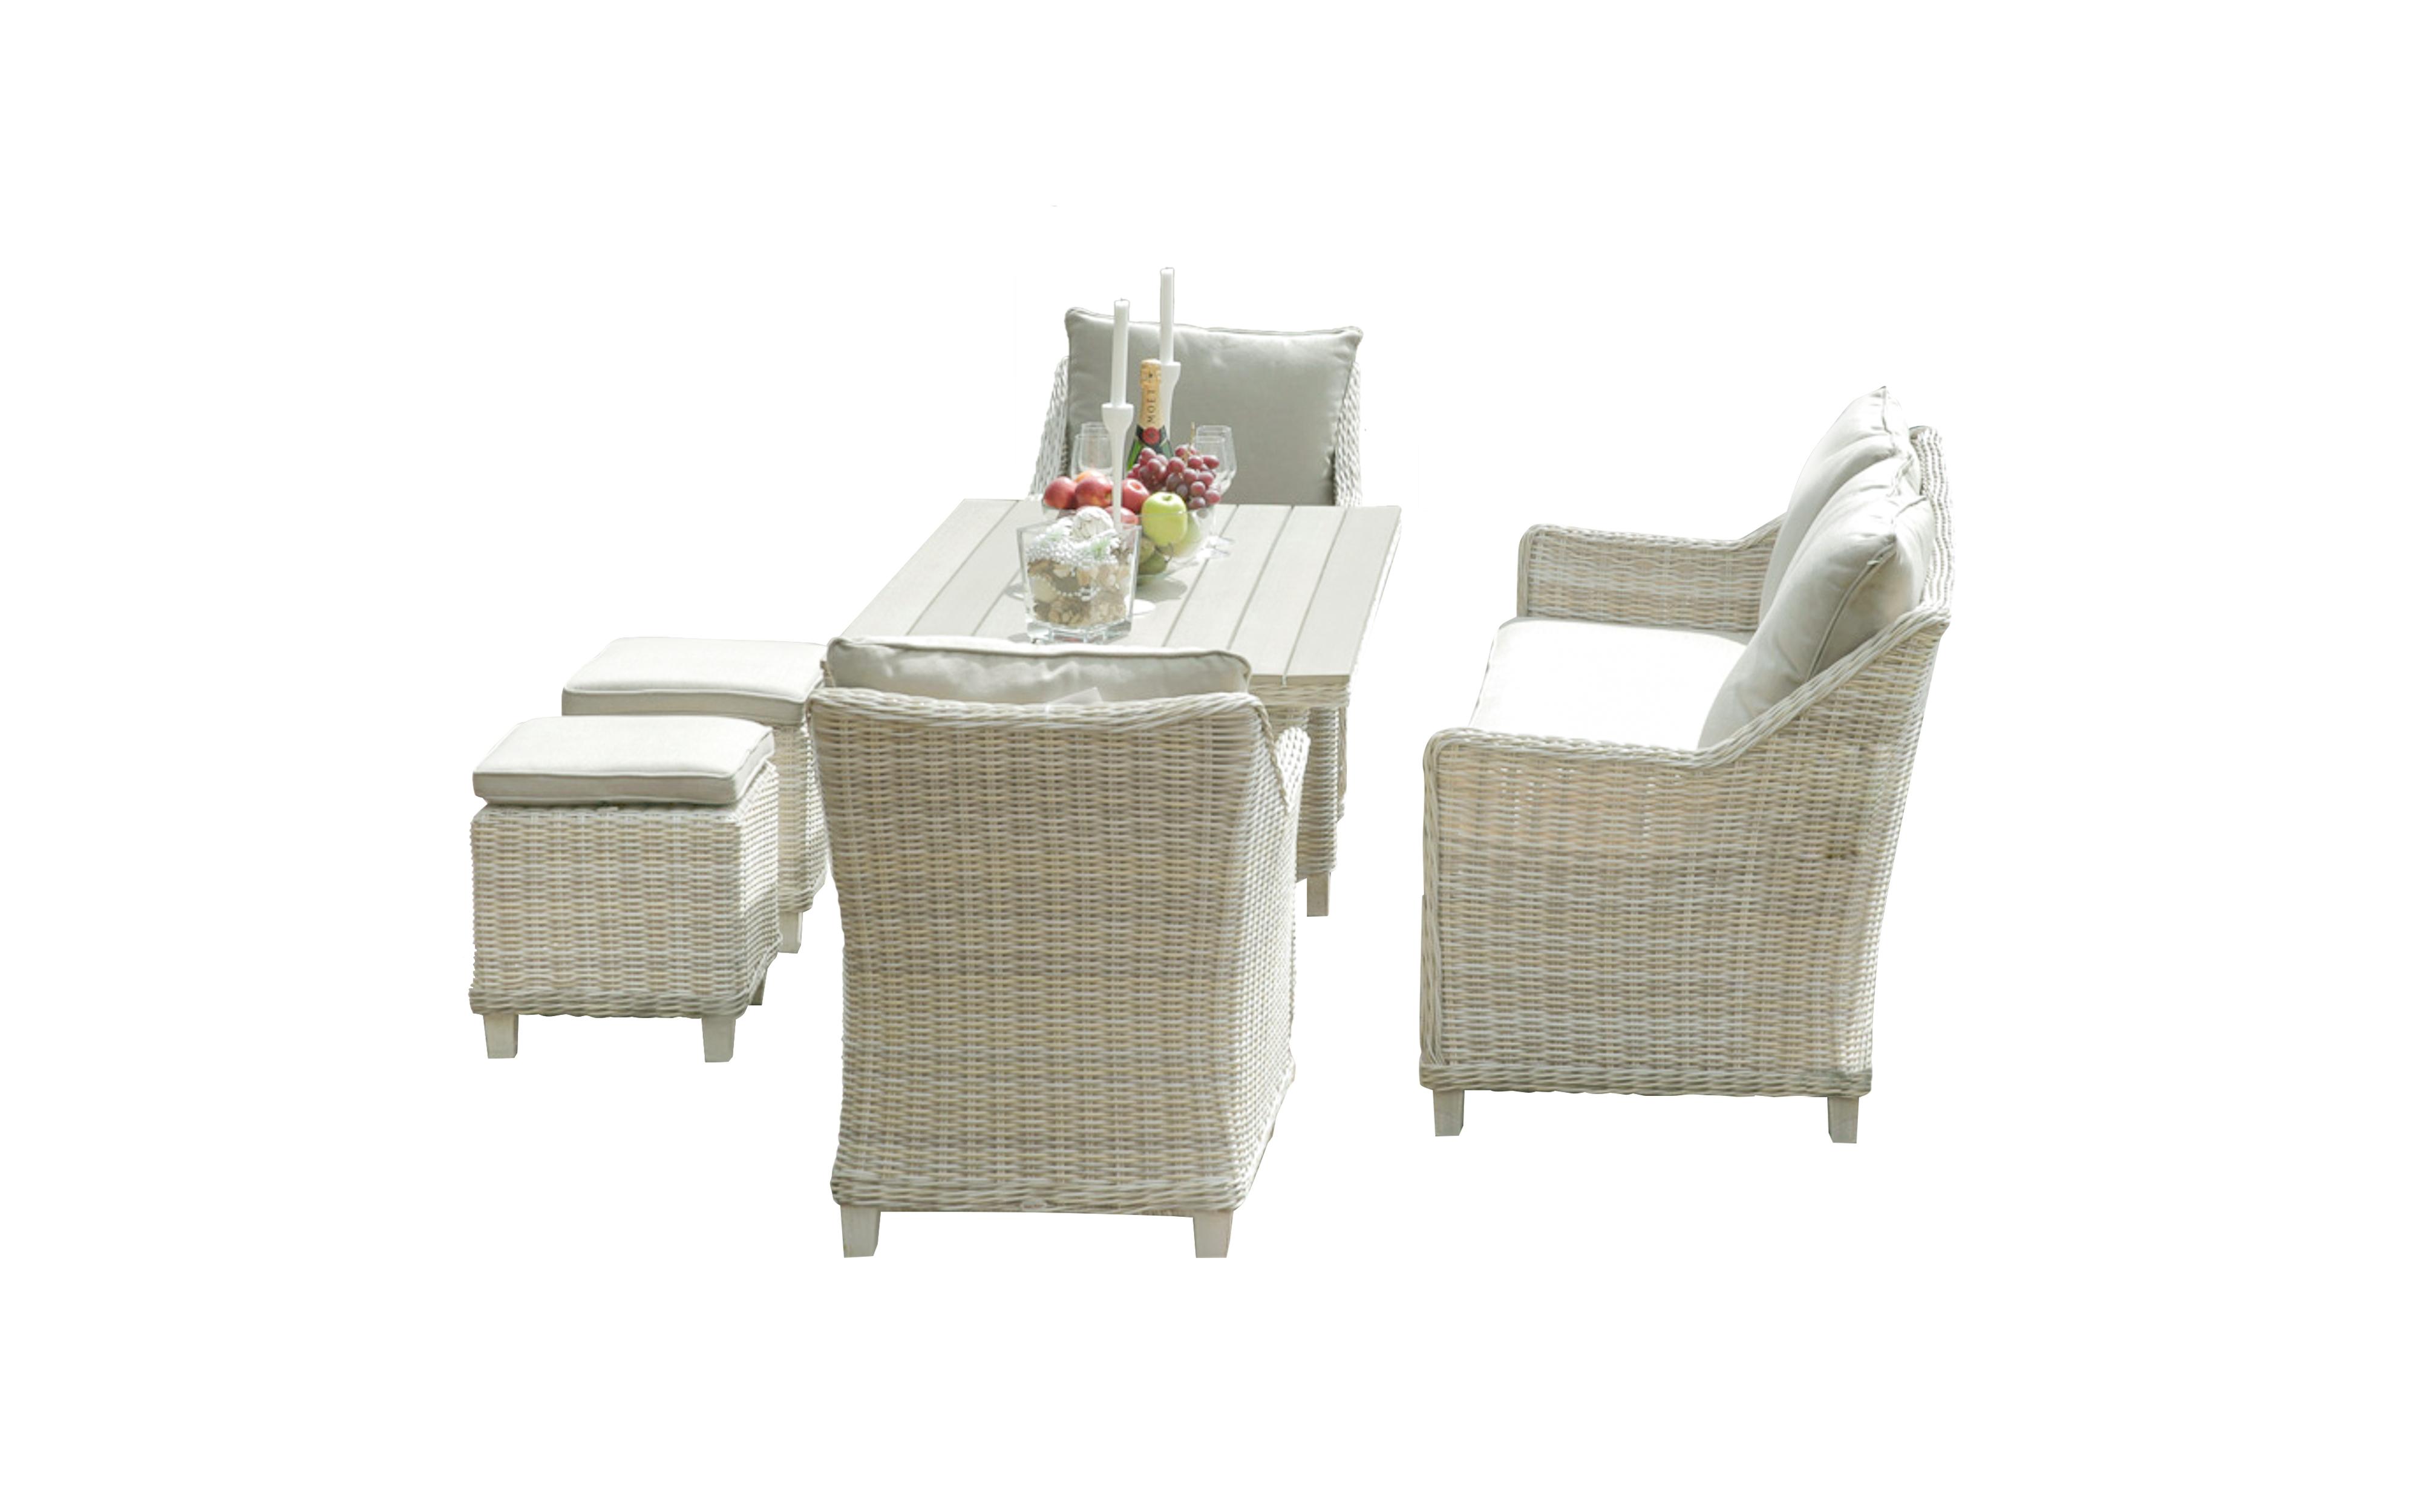 Комплект мебели из ротанга ФИДЖИКомплекты уличной мебели<br>&amp;lt;div&amp;gt;Комплект дачной мебели из ротанга ФИДЖИ на восемь персон. В комплекте: &amp;lt;b&amp;gt;стол, диван трехместный, два кресла и два пуфика, мебель комплектуются мягкими подушками&amp;lt;/b&amp;gt;. Каркасы в комплекте мебели укреплены алюминиевыми стойками, которые полностью обтянуты плетением из ротанга. Набор мебели из ротанга ФИДЖИ &amp;amp;nbsp;- это воплощение стиля, легкости и экологичности, отличительной особенностью которого являются устойчивость к влаге, солнечным лучам и перепадам температур!&amp;lt;/div&amp;gt;&amp;lt;div&amp;gt;Удобный комплект ФИДЖИ придаст ощущение стиля и уюта любому месту в саду, на веранде или в доме!&amp;lt;/div&amp;gt;&amp;lt;div&amp;gt;&amp;lt;b&amp;gt;Размеры мебели Фиджи&amp;lt;/b&amp;gt;&amp;lt;/div&amp;gt;&amp;lt;div&amp;gt;&amp;lt;b&amp;gt;Стол:&amp;lt;/b&amp;gt; 146,5*79,5*69,5 см&amp;amp;nbsp;&amp;lt;/div&amp;gt;&amp;lt;div&amp;gt;&amp;lt;b&amp;gt;Столешница:&amp;lt;/b&amp;gt; материал: поливуд (искусственное дерево)/ротанг&amp;lt;/div&amp;gt;&amp;lt;div&amp;gt;&amp;lt;b&amp;gt;Кресло:&amp;lt;/b&amp;gt; 67*76,5*84 см&amp;lt;/div&amp;gt;&amp;lt;div&amp;gt;&amp;lt;b&amp;gt;Диван: &amp;lt;/b&amp;gt;176*76.5*84 см &amp;amp;nbsp;&amp;lt;/div&amp;gt;&amp;lt;div&amp;gt;&amp;lt;b&amp;gt;Пуфик:&amp;lt;/b&amp;gt; 42*42*42 см&amp;lt;/div&amp;gt;<br><br>Material: Ротанг<br>Length см: 146,5<br>Width см: 79,5<br>Height см: 69,5